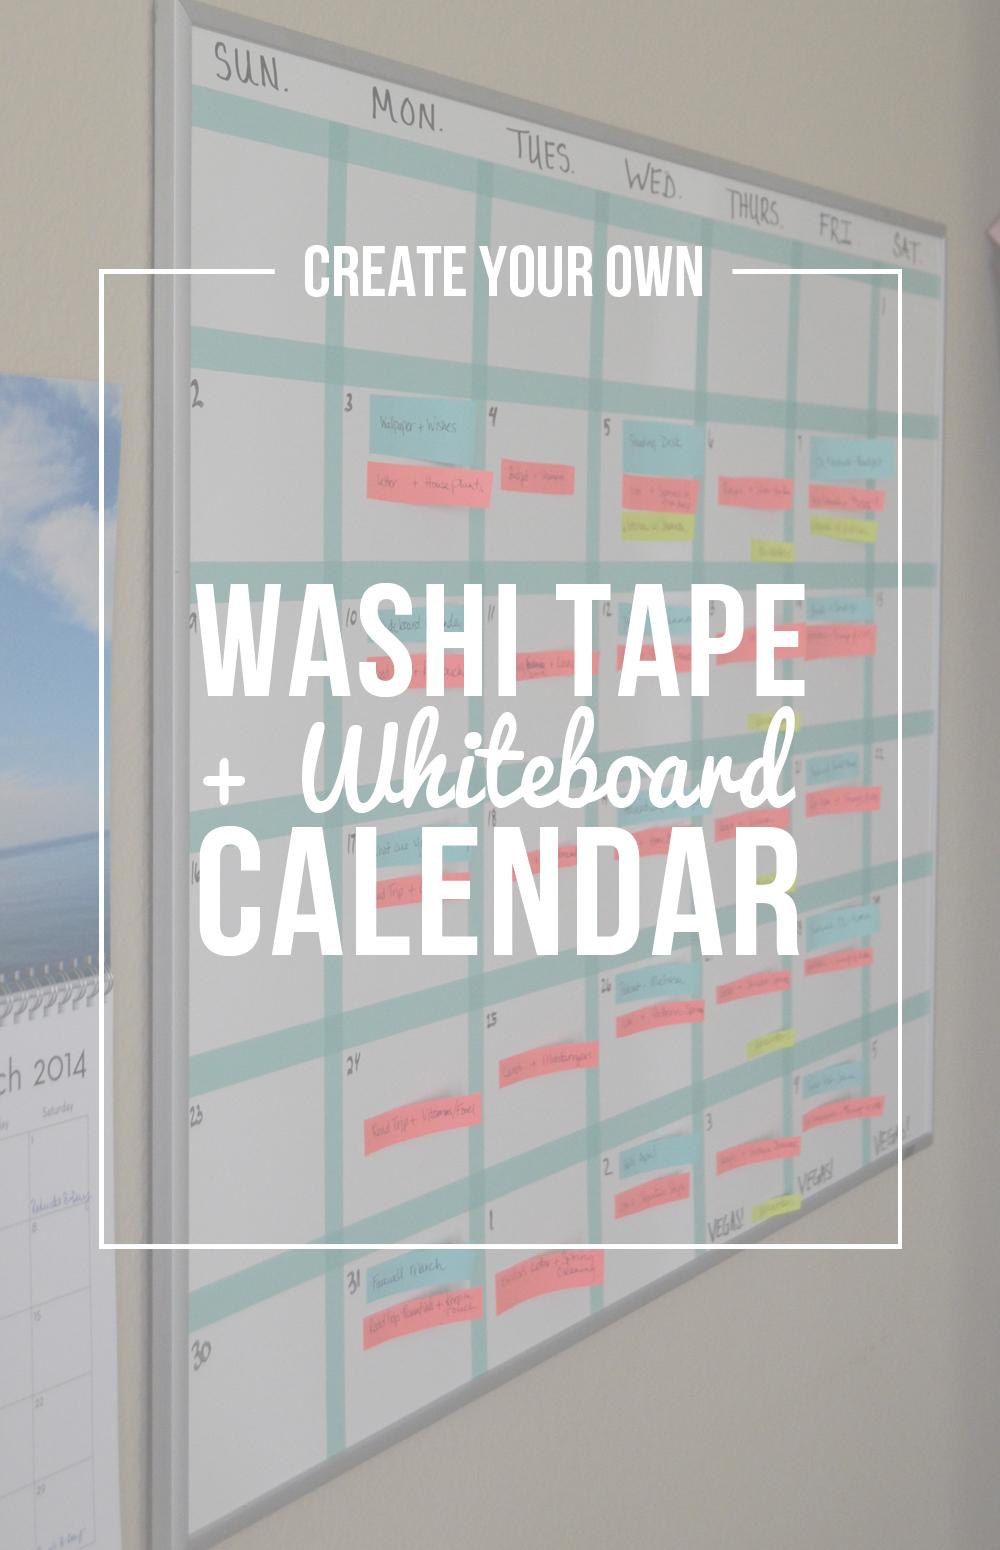 Create Your Own: Washi Tape + Whiteboard Calendar ...